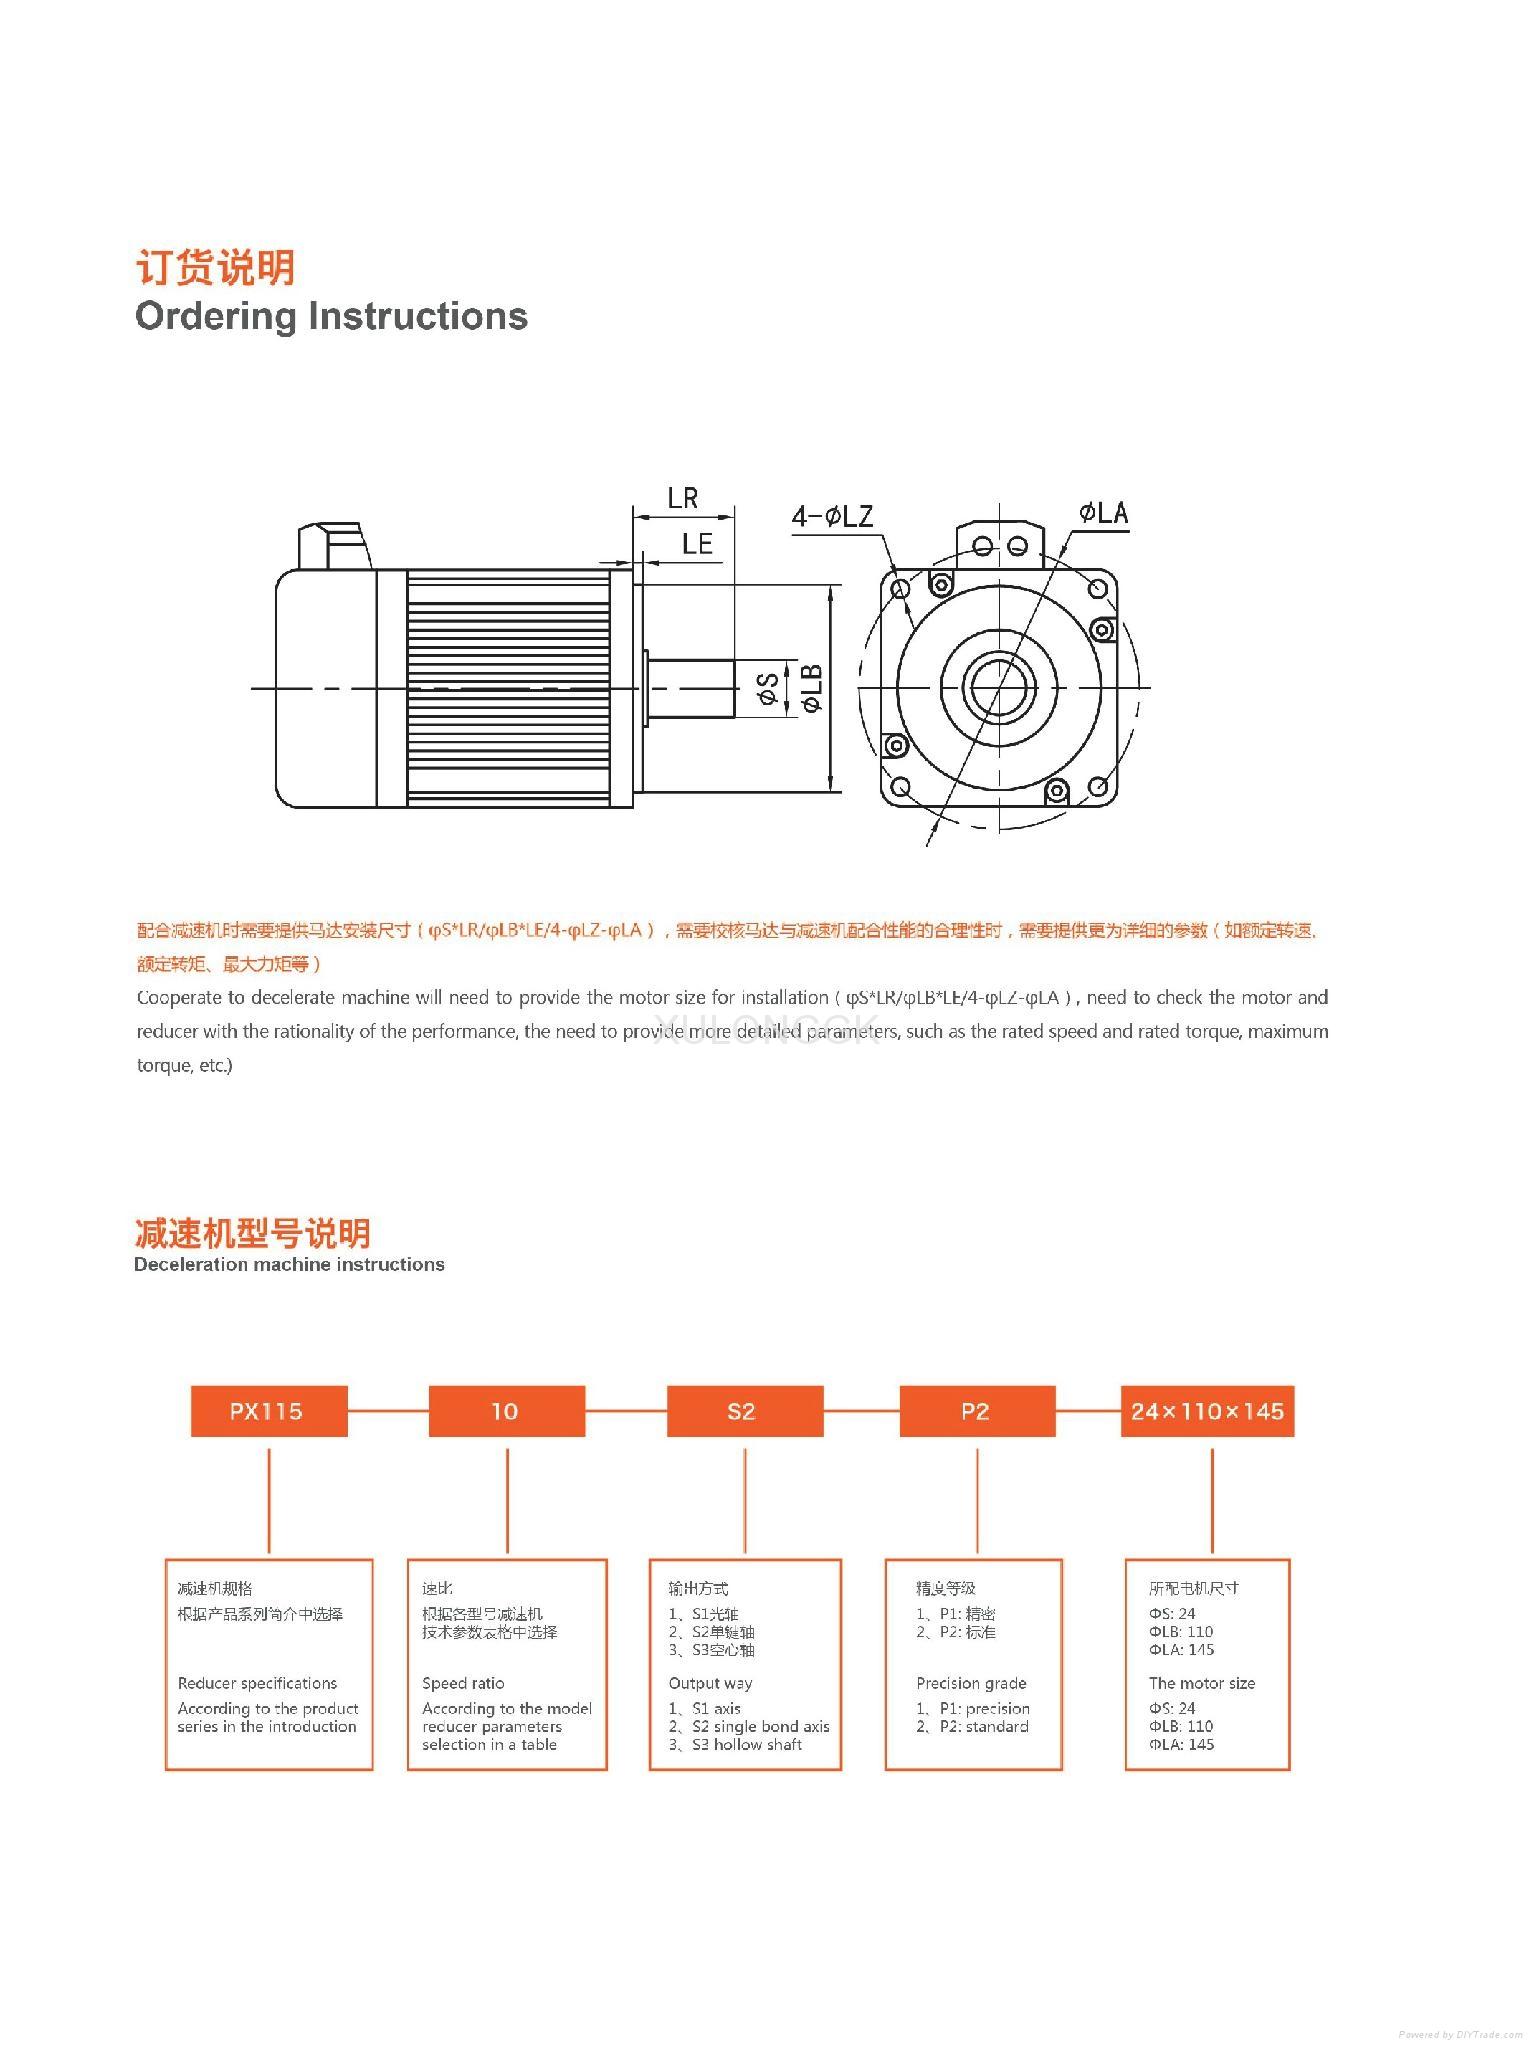 伺服行星减速机 齿轮减速箱 配伺服电机用 PL120 3-1000比 4